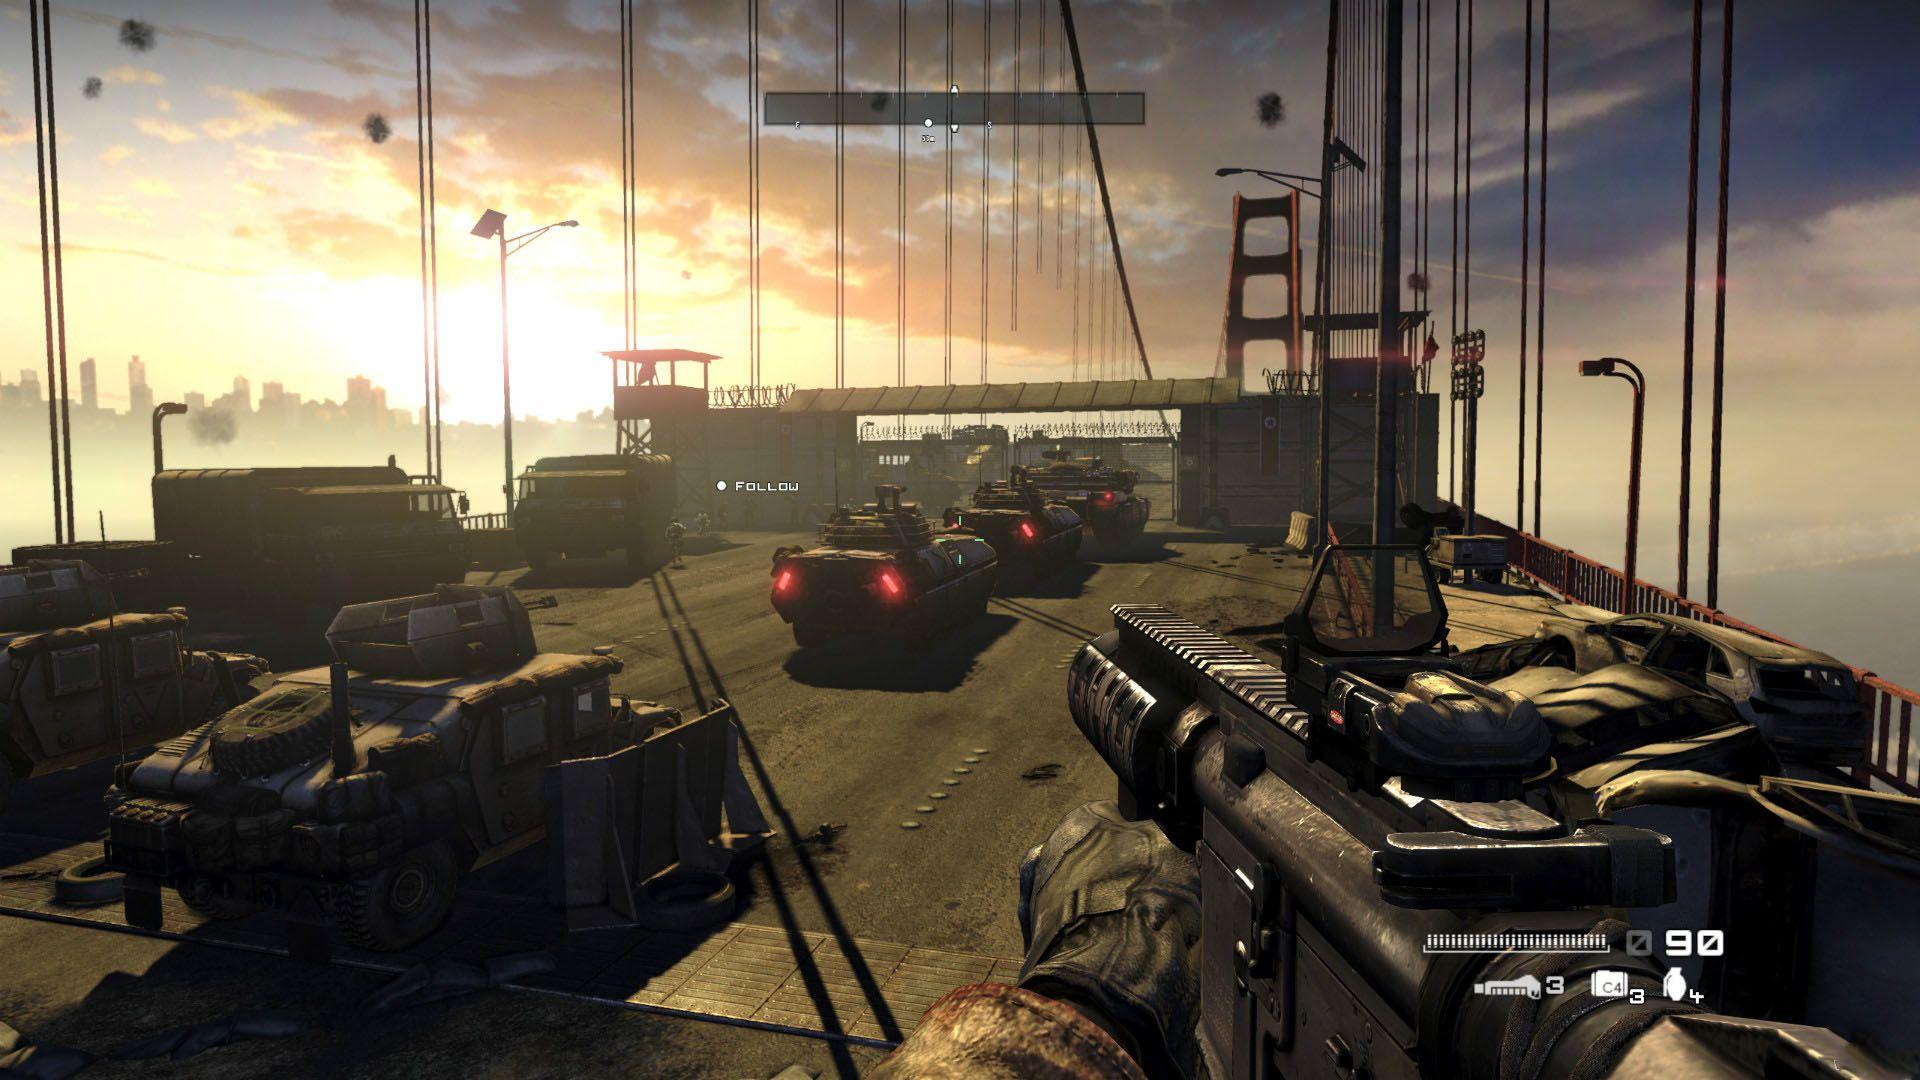 Battlefield 3 end game скачать торрент бесплатно на компьютер (pc).